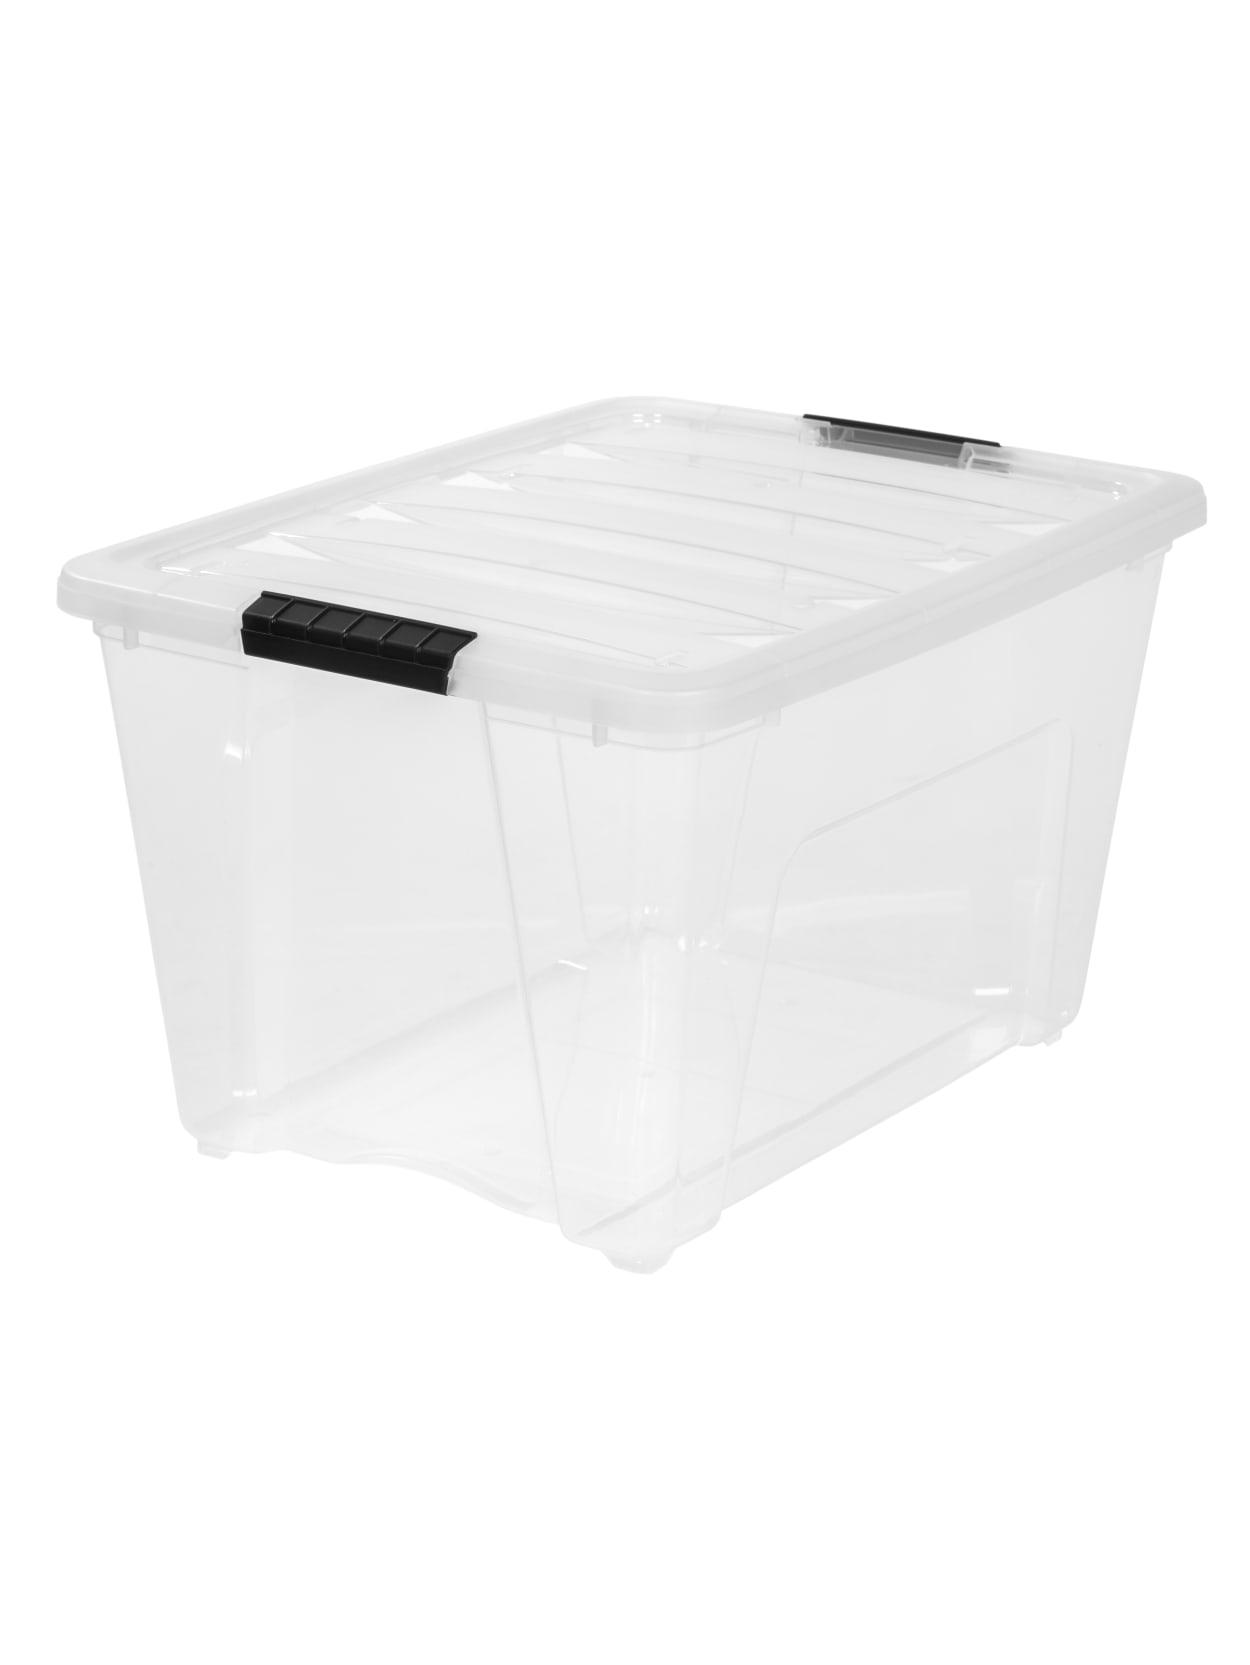 Iris Latch Plastic Bin 53 6 Qt Clear Office Depot